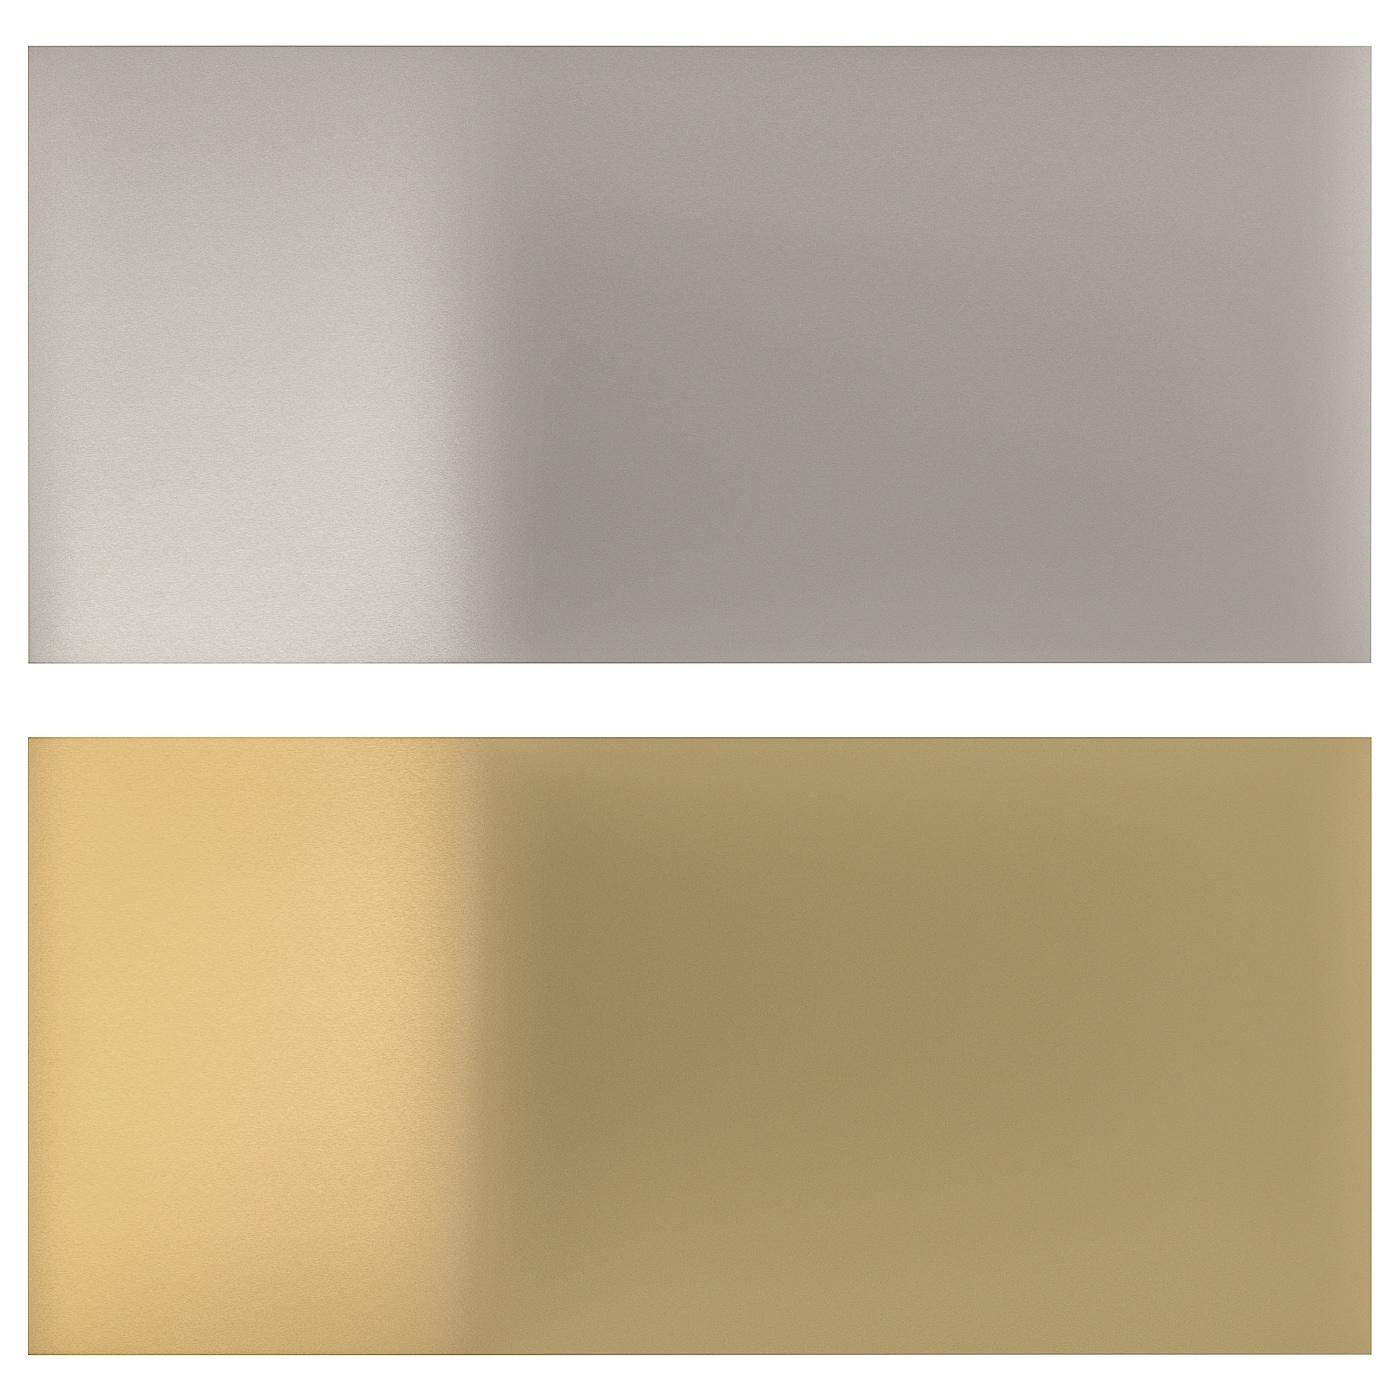 Full Size of Lysekil Wandpaneel Doppelseitig Messingfarben Ikea Sofa Mit Schlaffunktion Küche Kosten Miniküche Betten Bei Modulküche Kaufen 160x200 Wohnzimmer Küchenrückwand Ikea